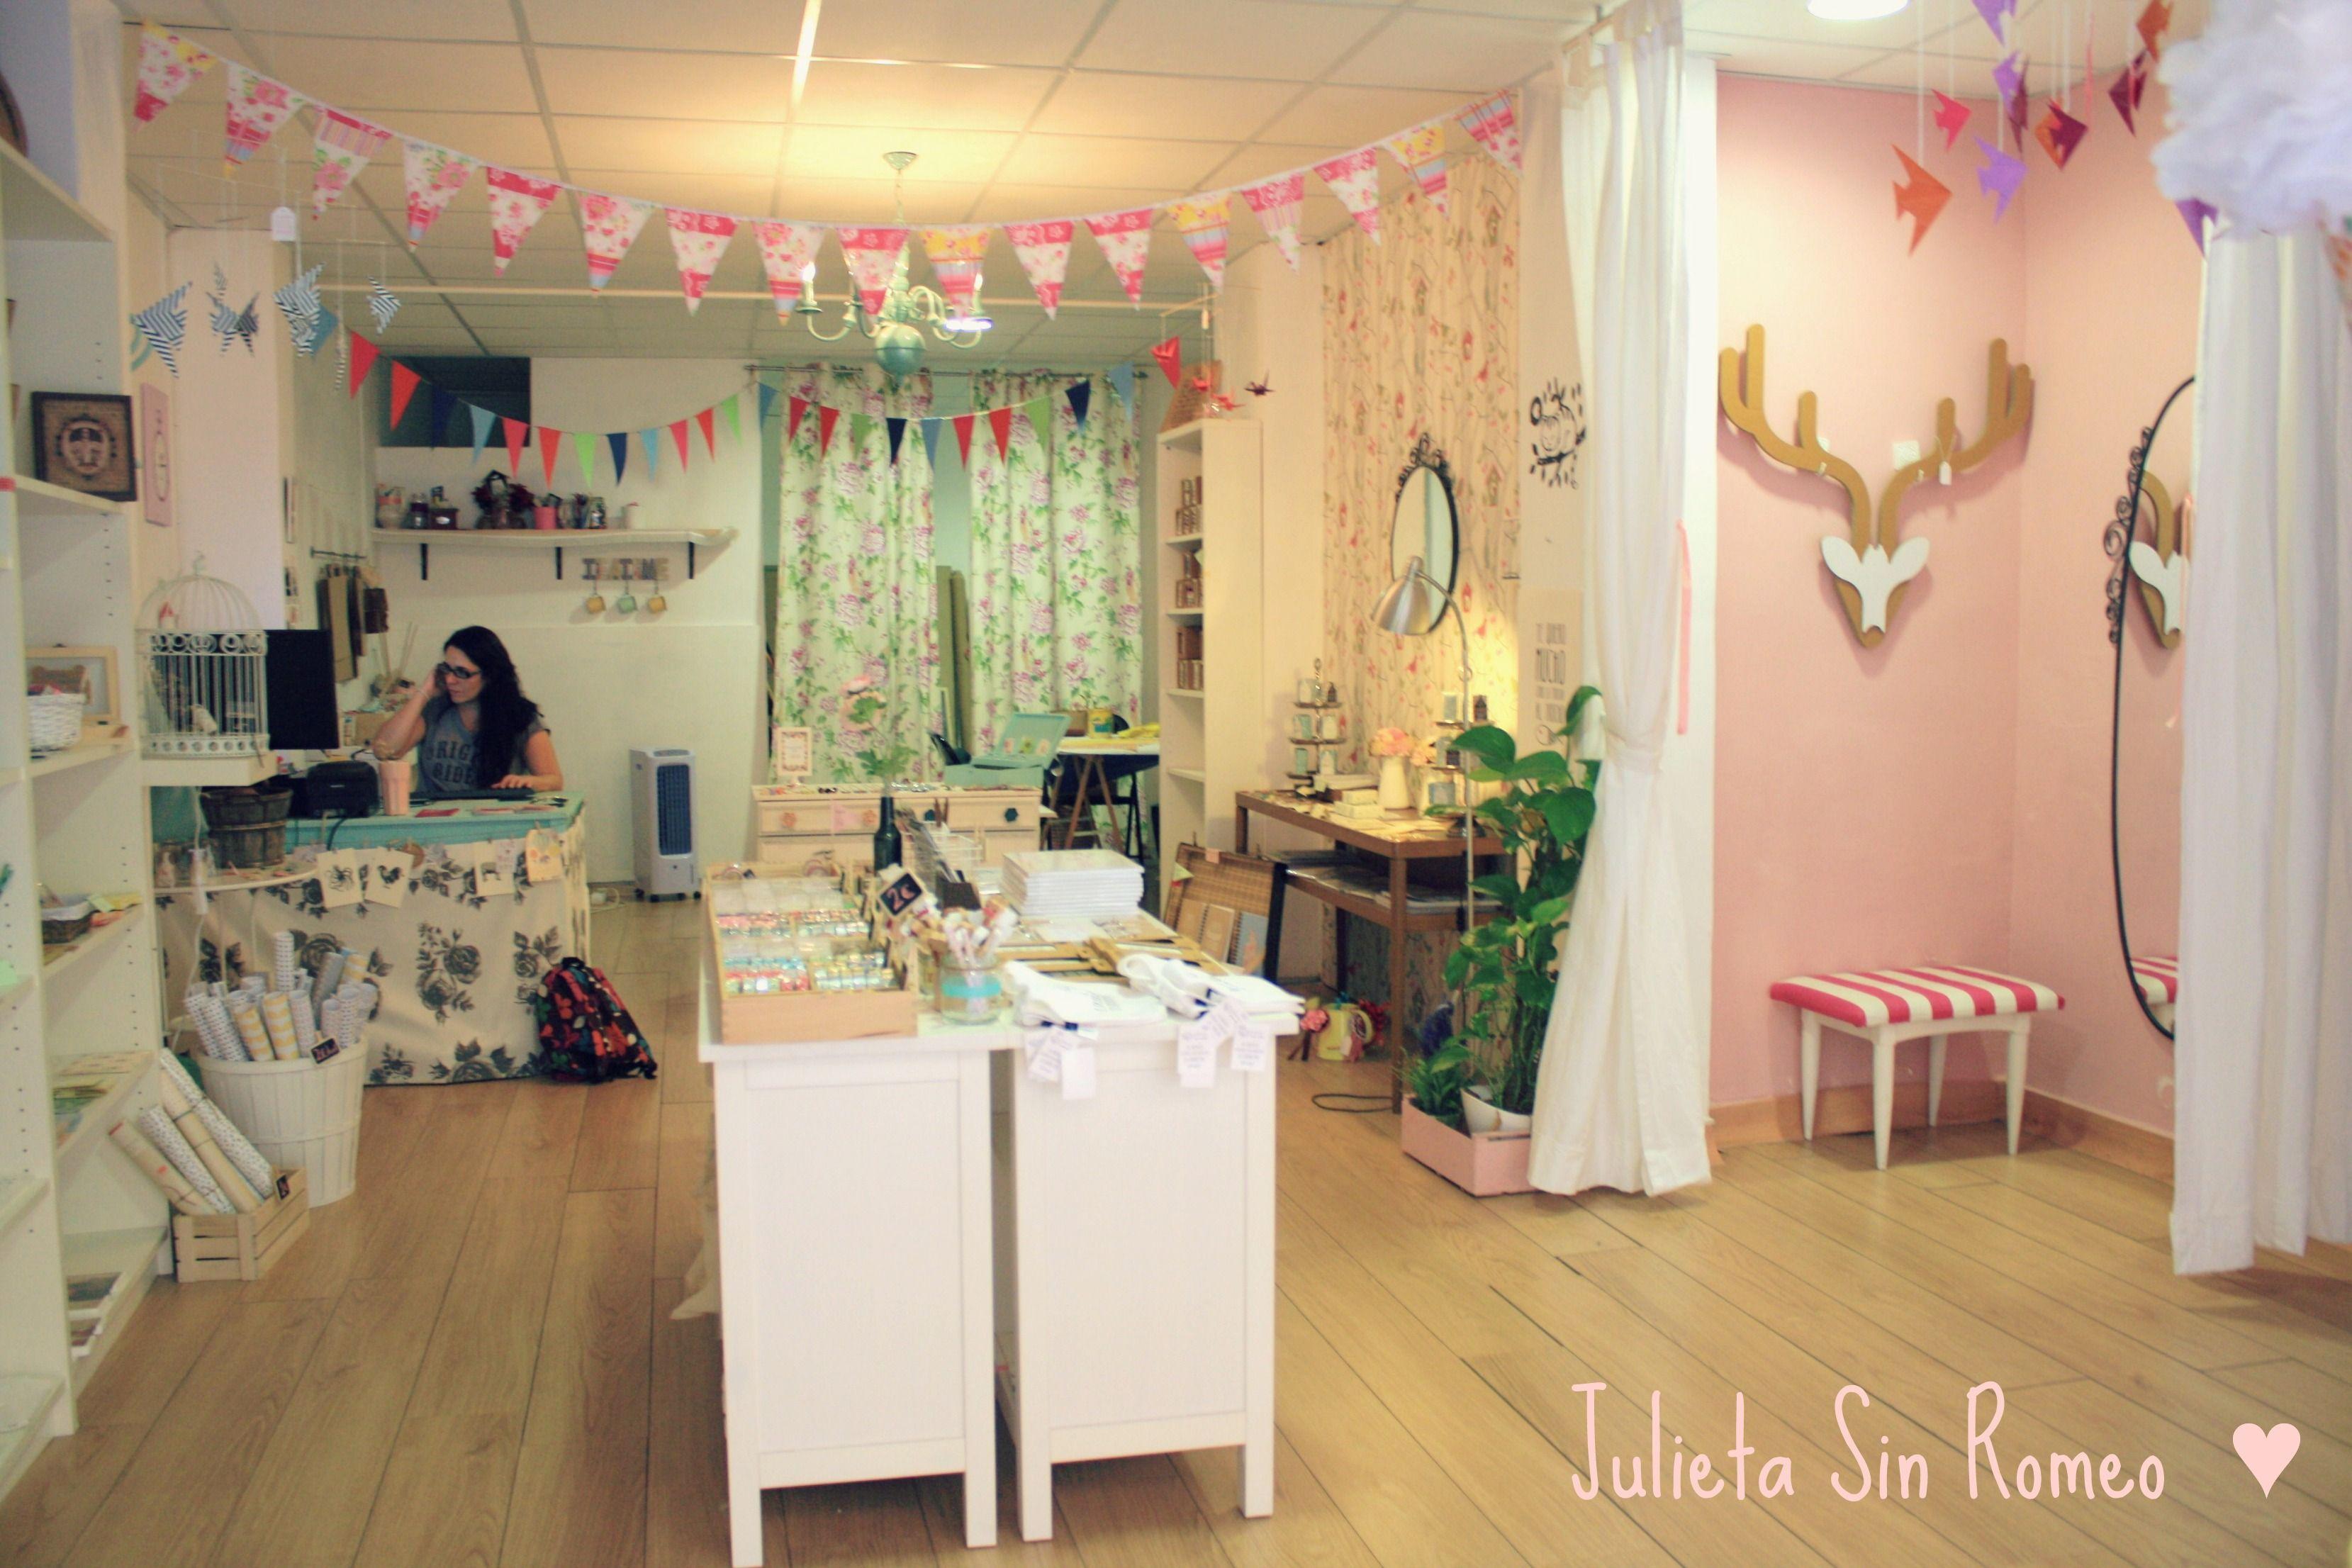 Pin de Miriam Sanchez en decoracion | Pinterest | Tiendas de ropa ...